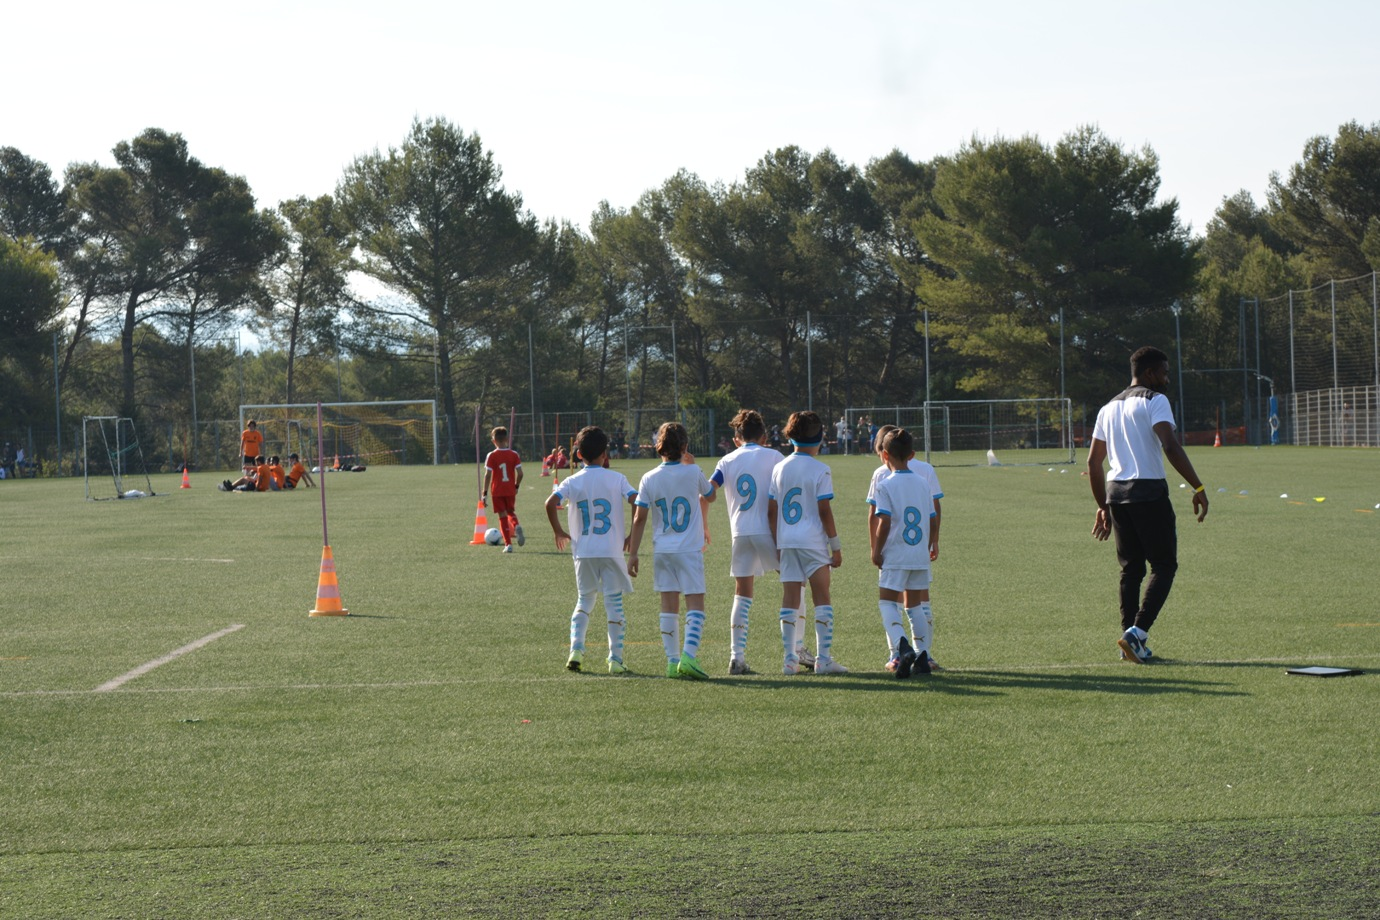 Photo d'une équipe de football sur le terrain lors du Challenge nationale Claude Chaparteguy organisé par l'USV